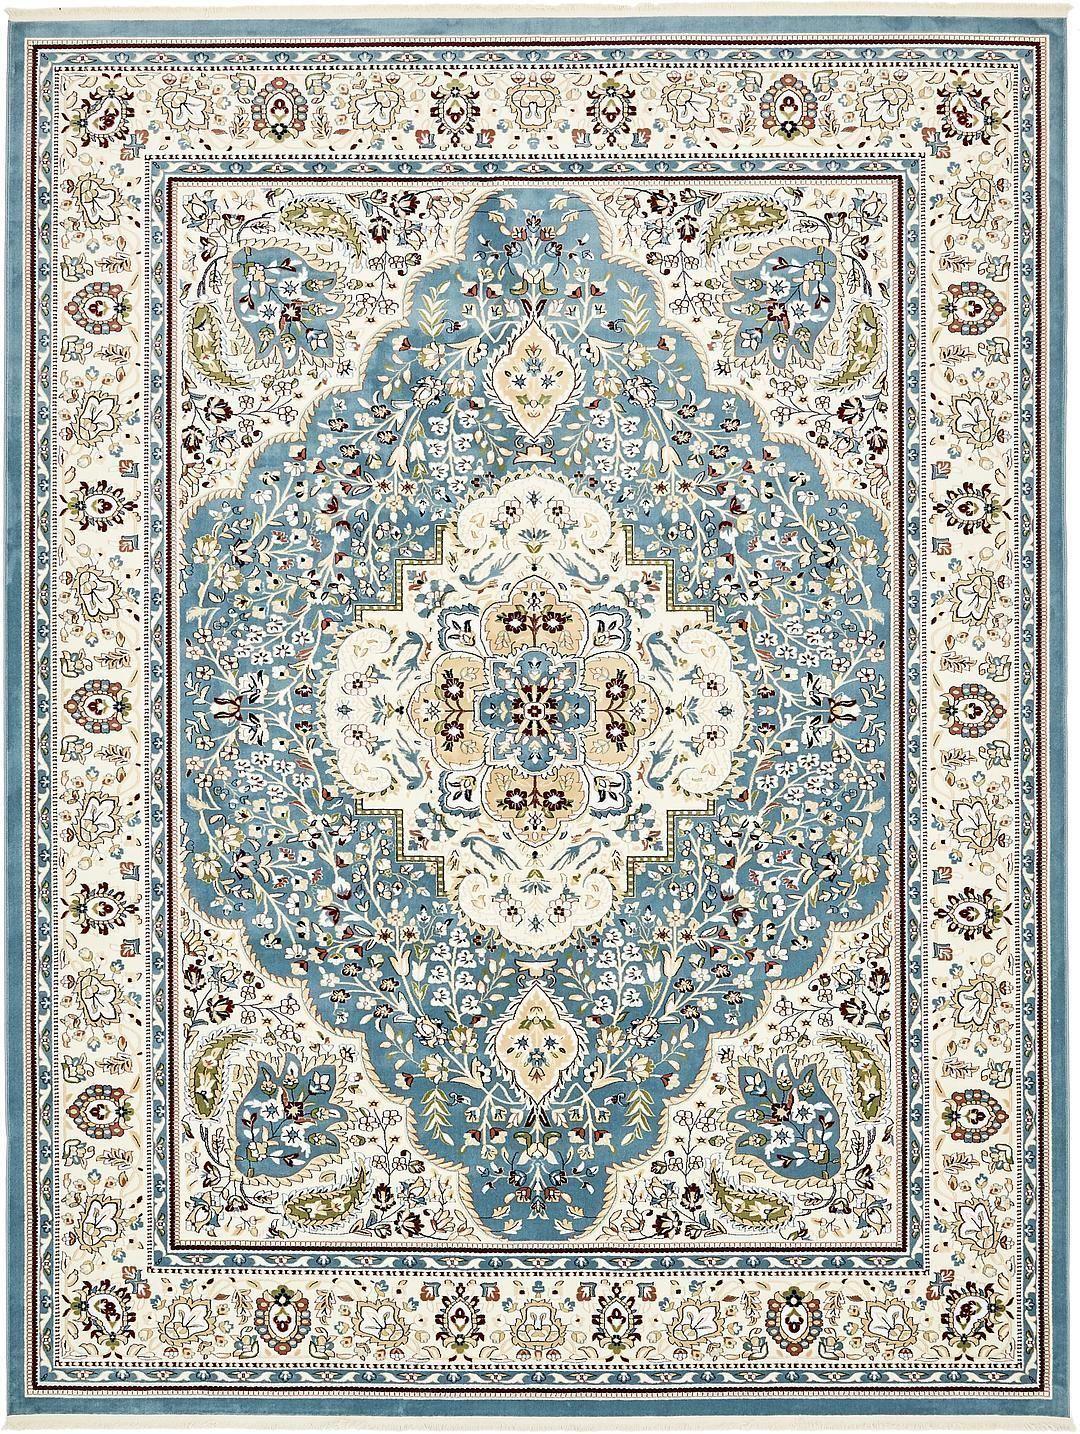 Blue 10 39 X 13 39 Tabriz Design Rug Area Rugs Esalerugs Rug Texture Rugs Area Rugs